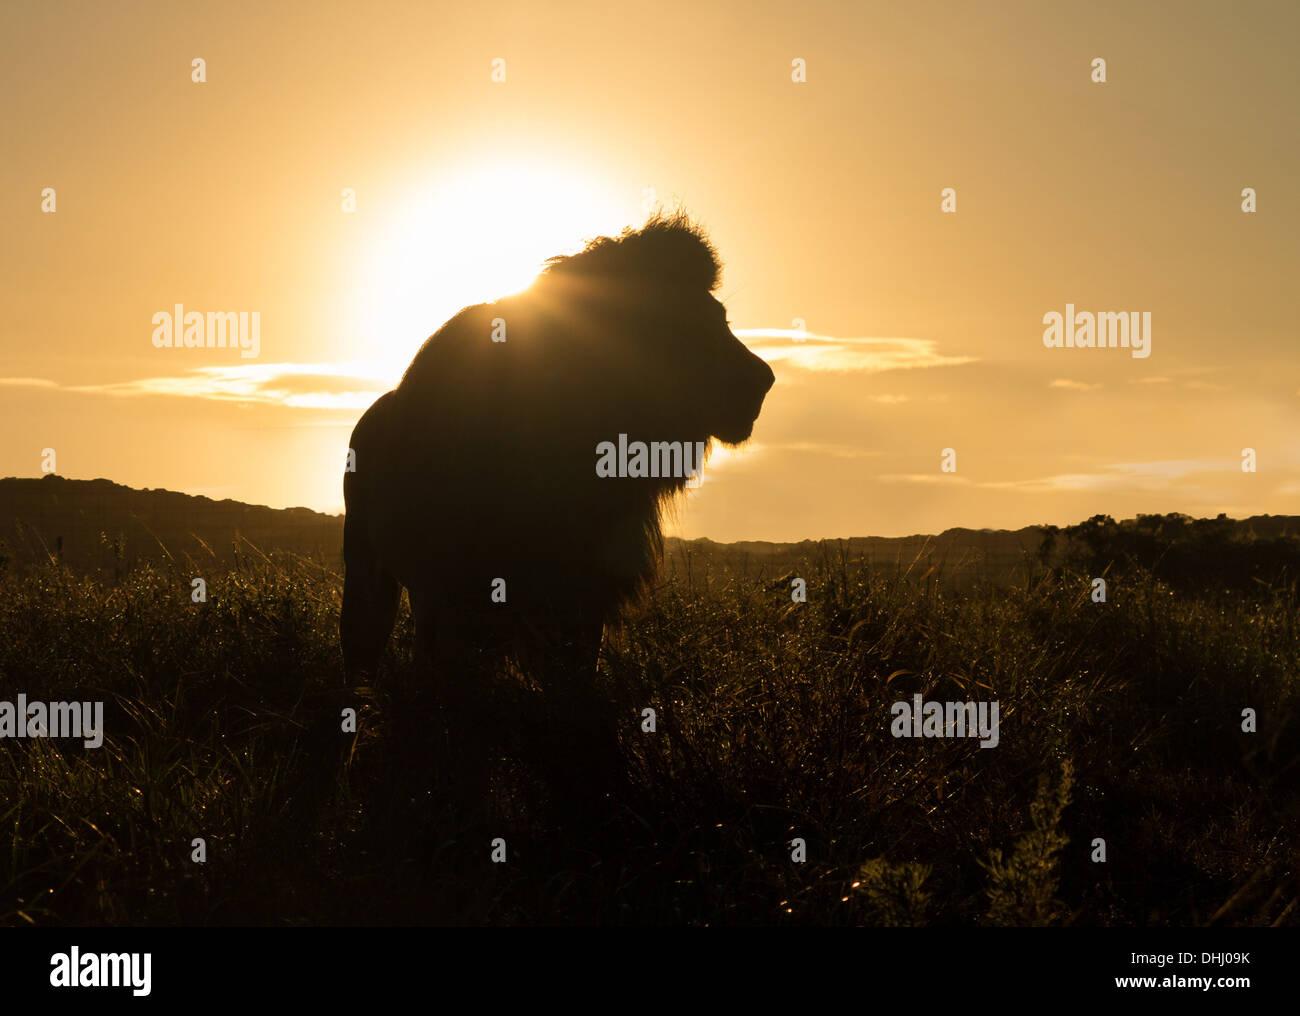 Silueta de un viejo macho grande de león en la sabana de Sudáfrica al atardecer Imagen De Stock